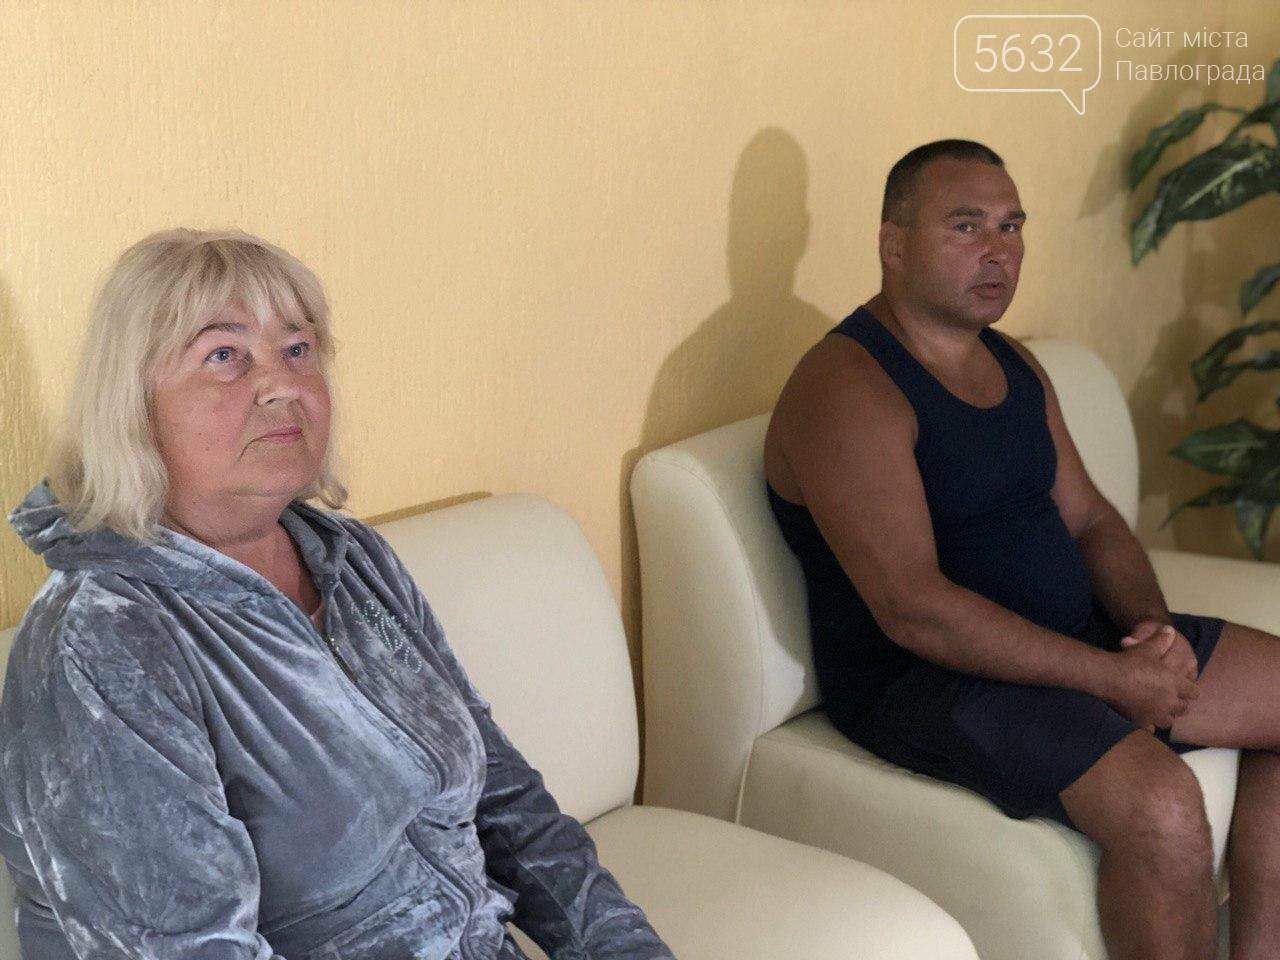 Павлоградец, отдыхая в Бердянске, помог спасти тонущих детей (ВИДЕО), фото-3